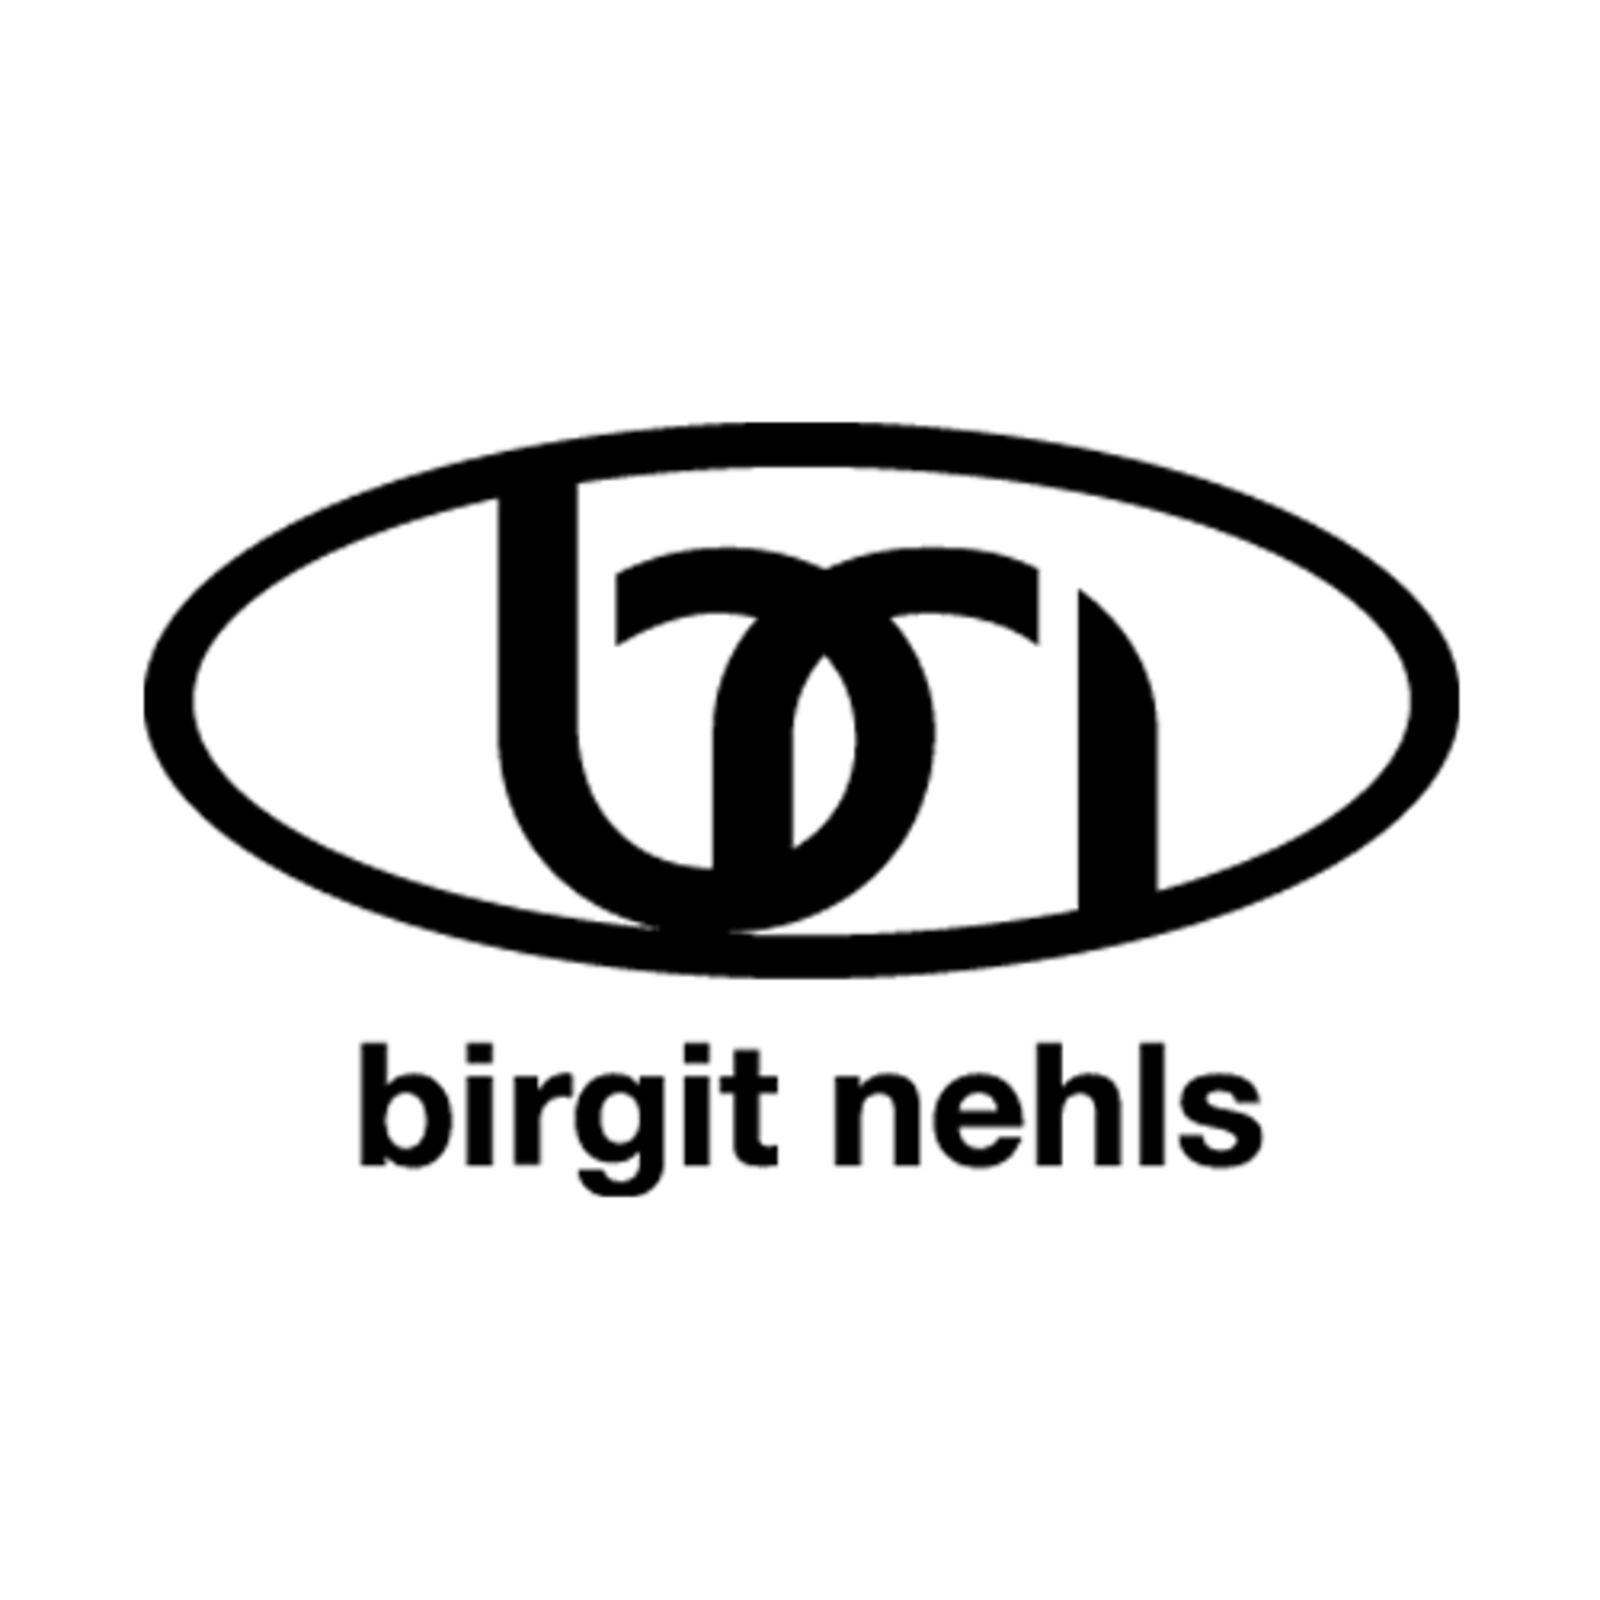 Birgit Nehls